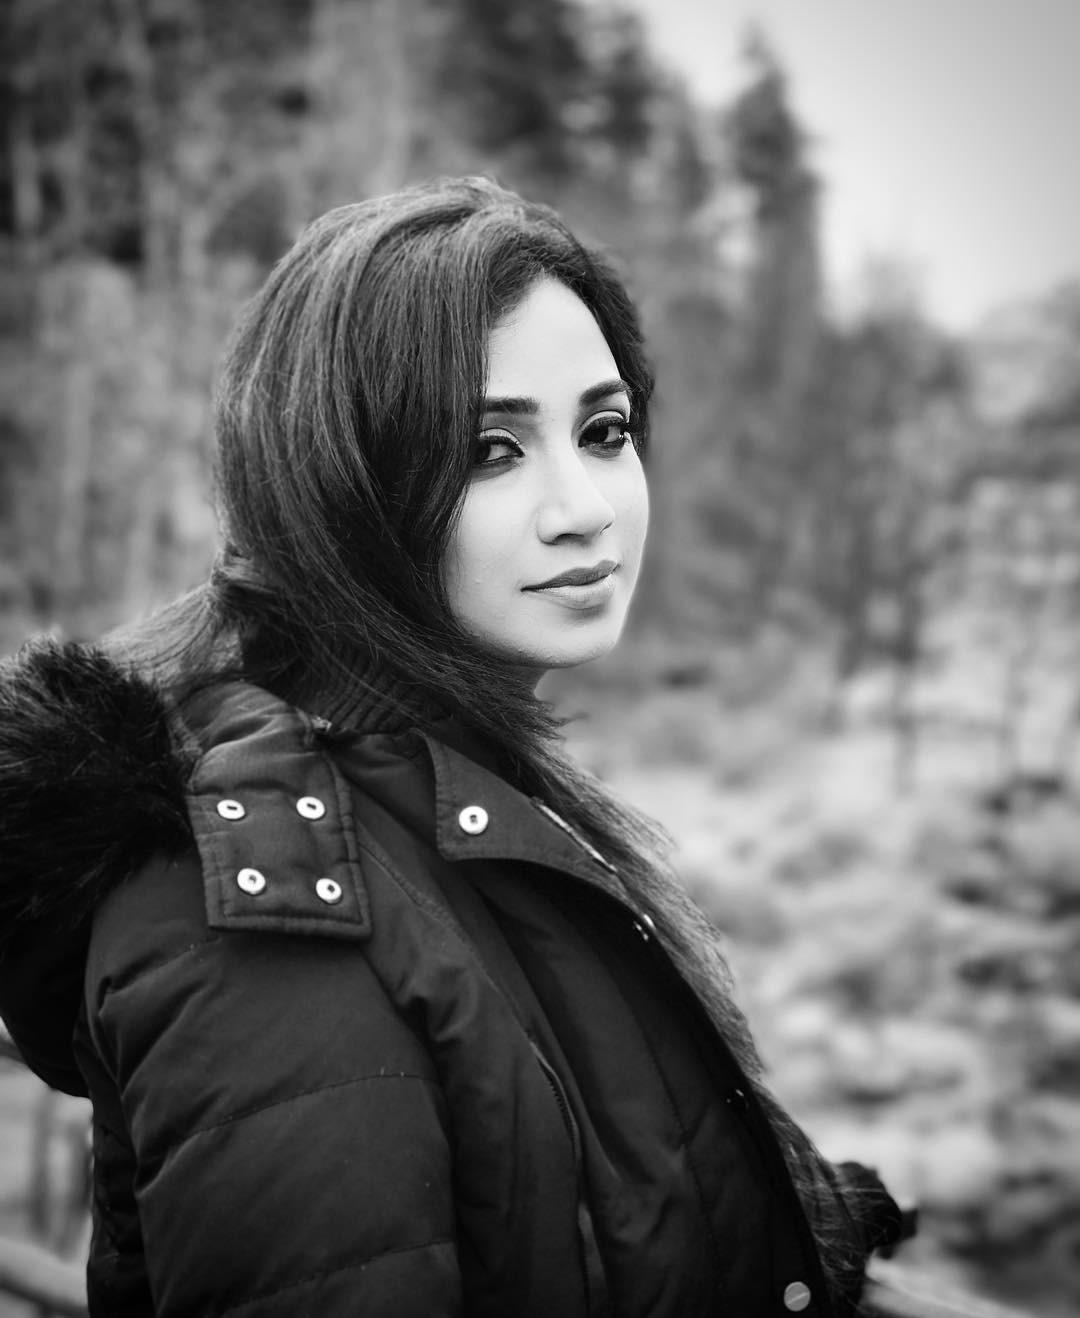 Desi Actress - Pixerdesi Shreya Ghoshal Has Cute Face -8263